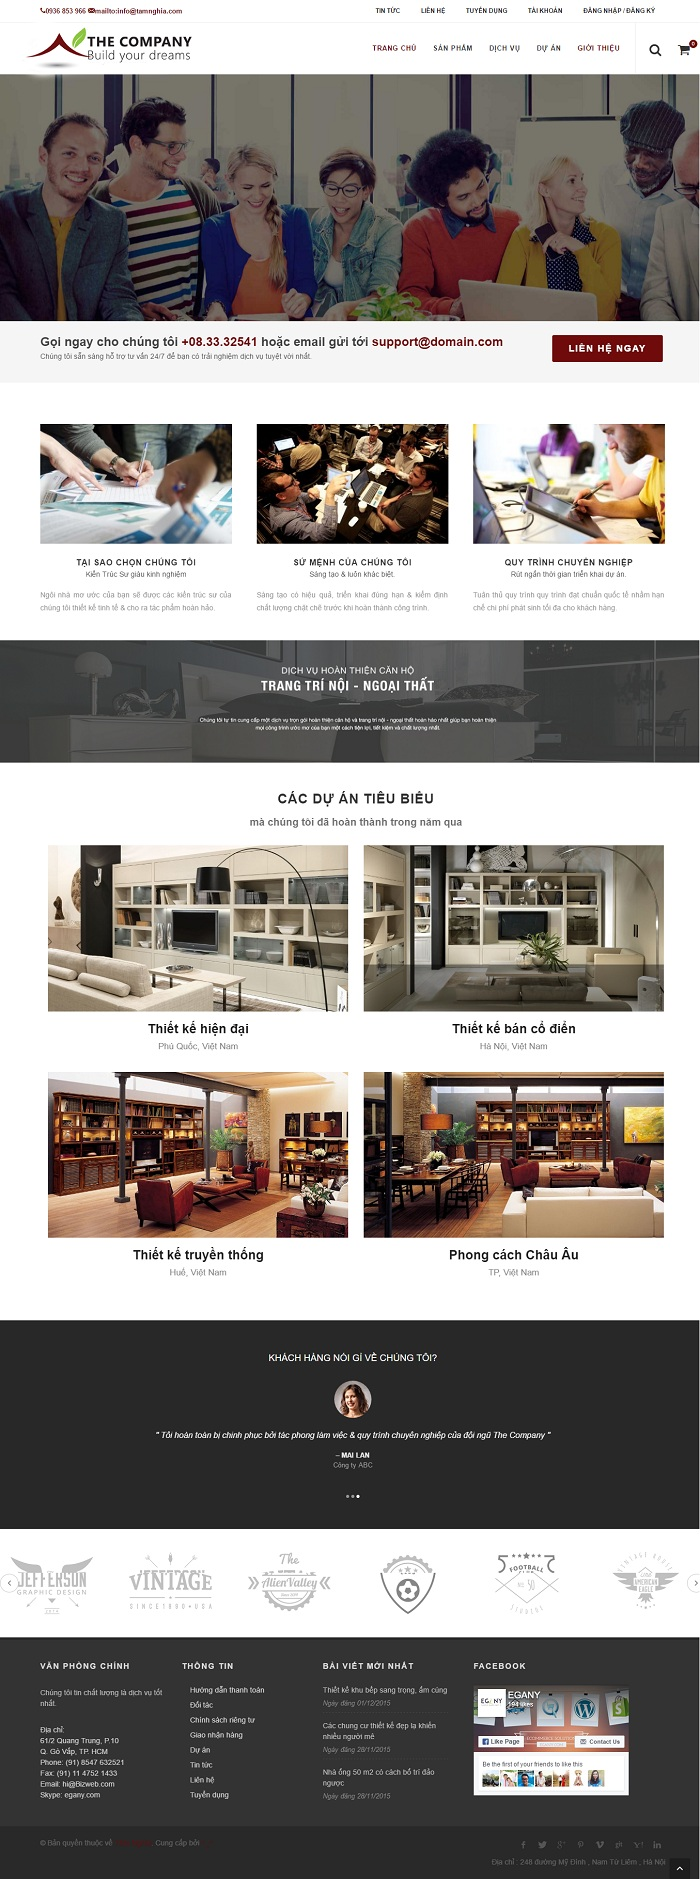 Website Thiết kế nội thất theo phong cách cổ điển , châu âu